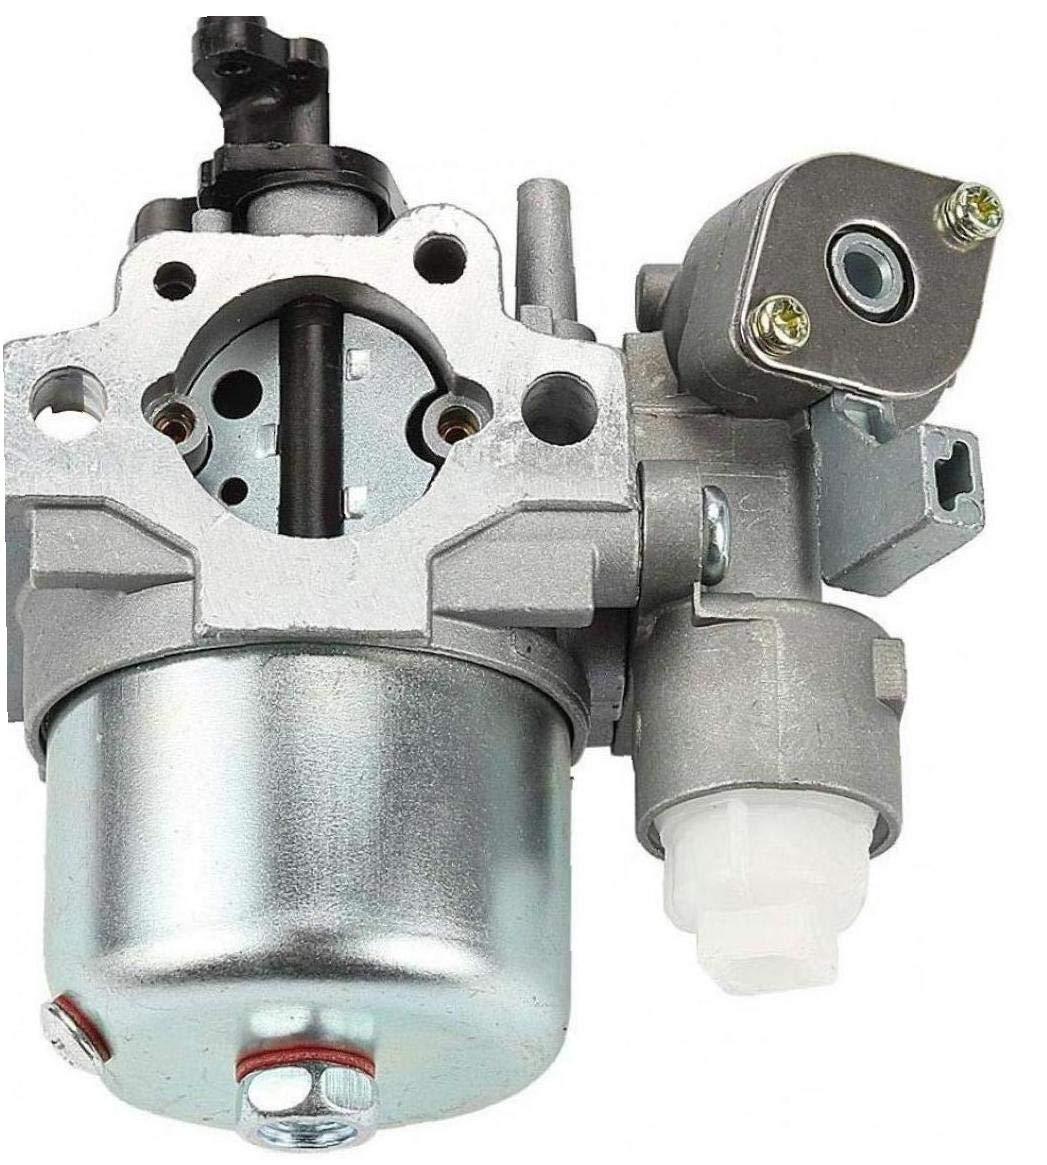 Hainice 277-62301-10 carburatore di Montaggio Guarnizione per Subaru Robin 6.0hp EX17 SP170 EX13 EX130 EX170 camme in Testa del Motore 277-62301-30 277-62301-50 Parte di Ricambio